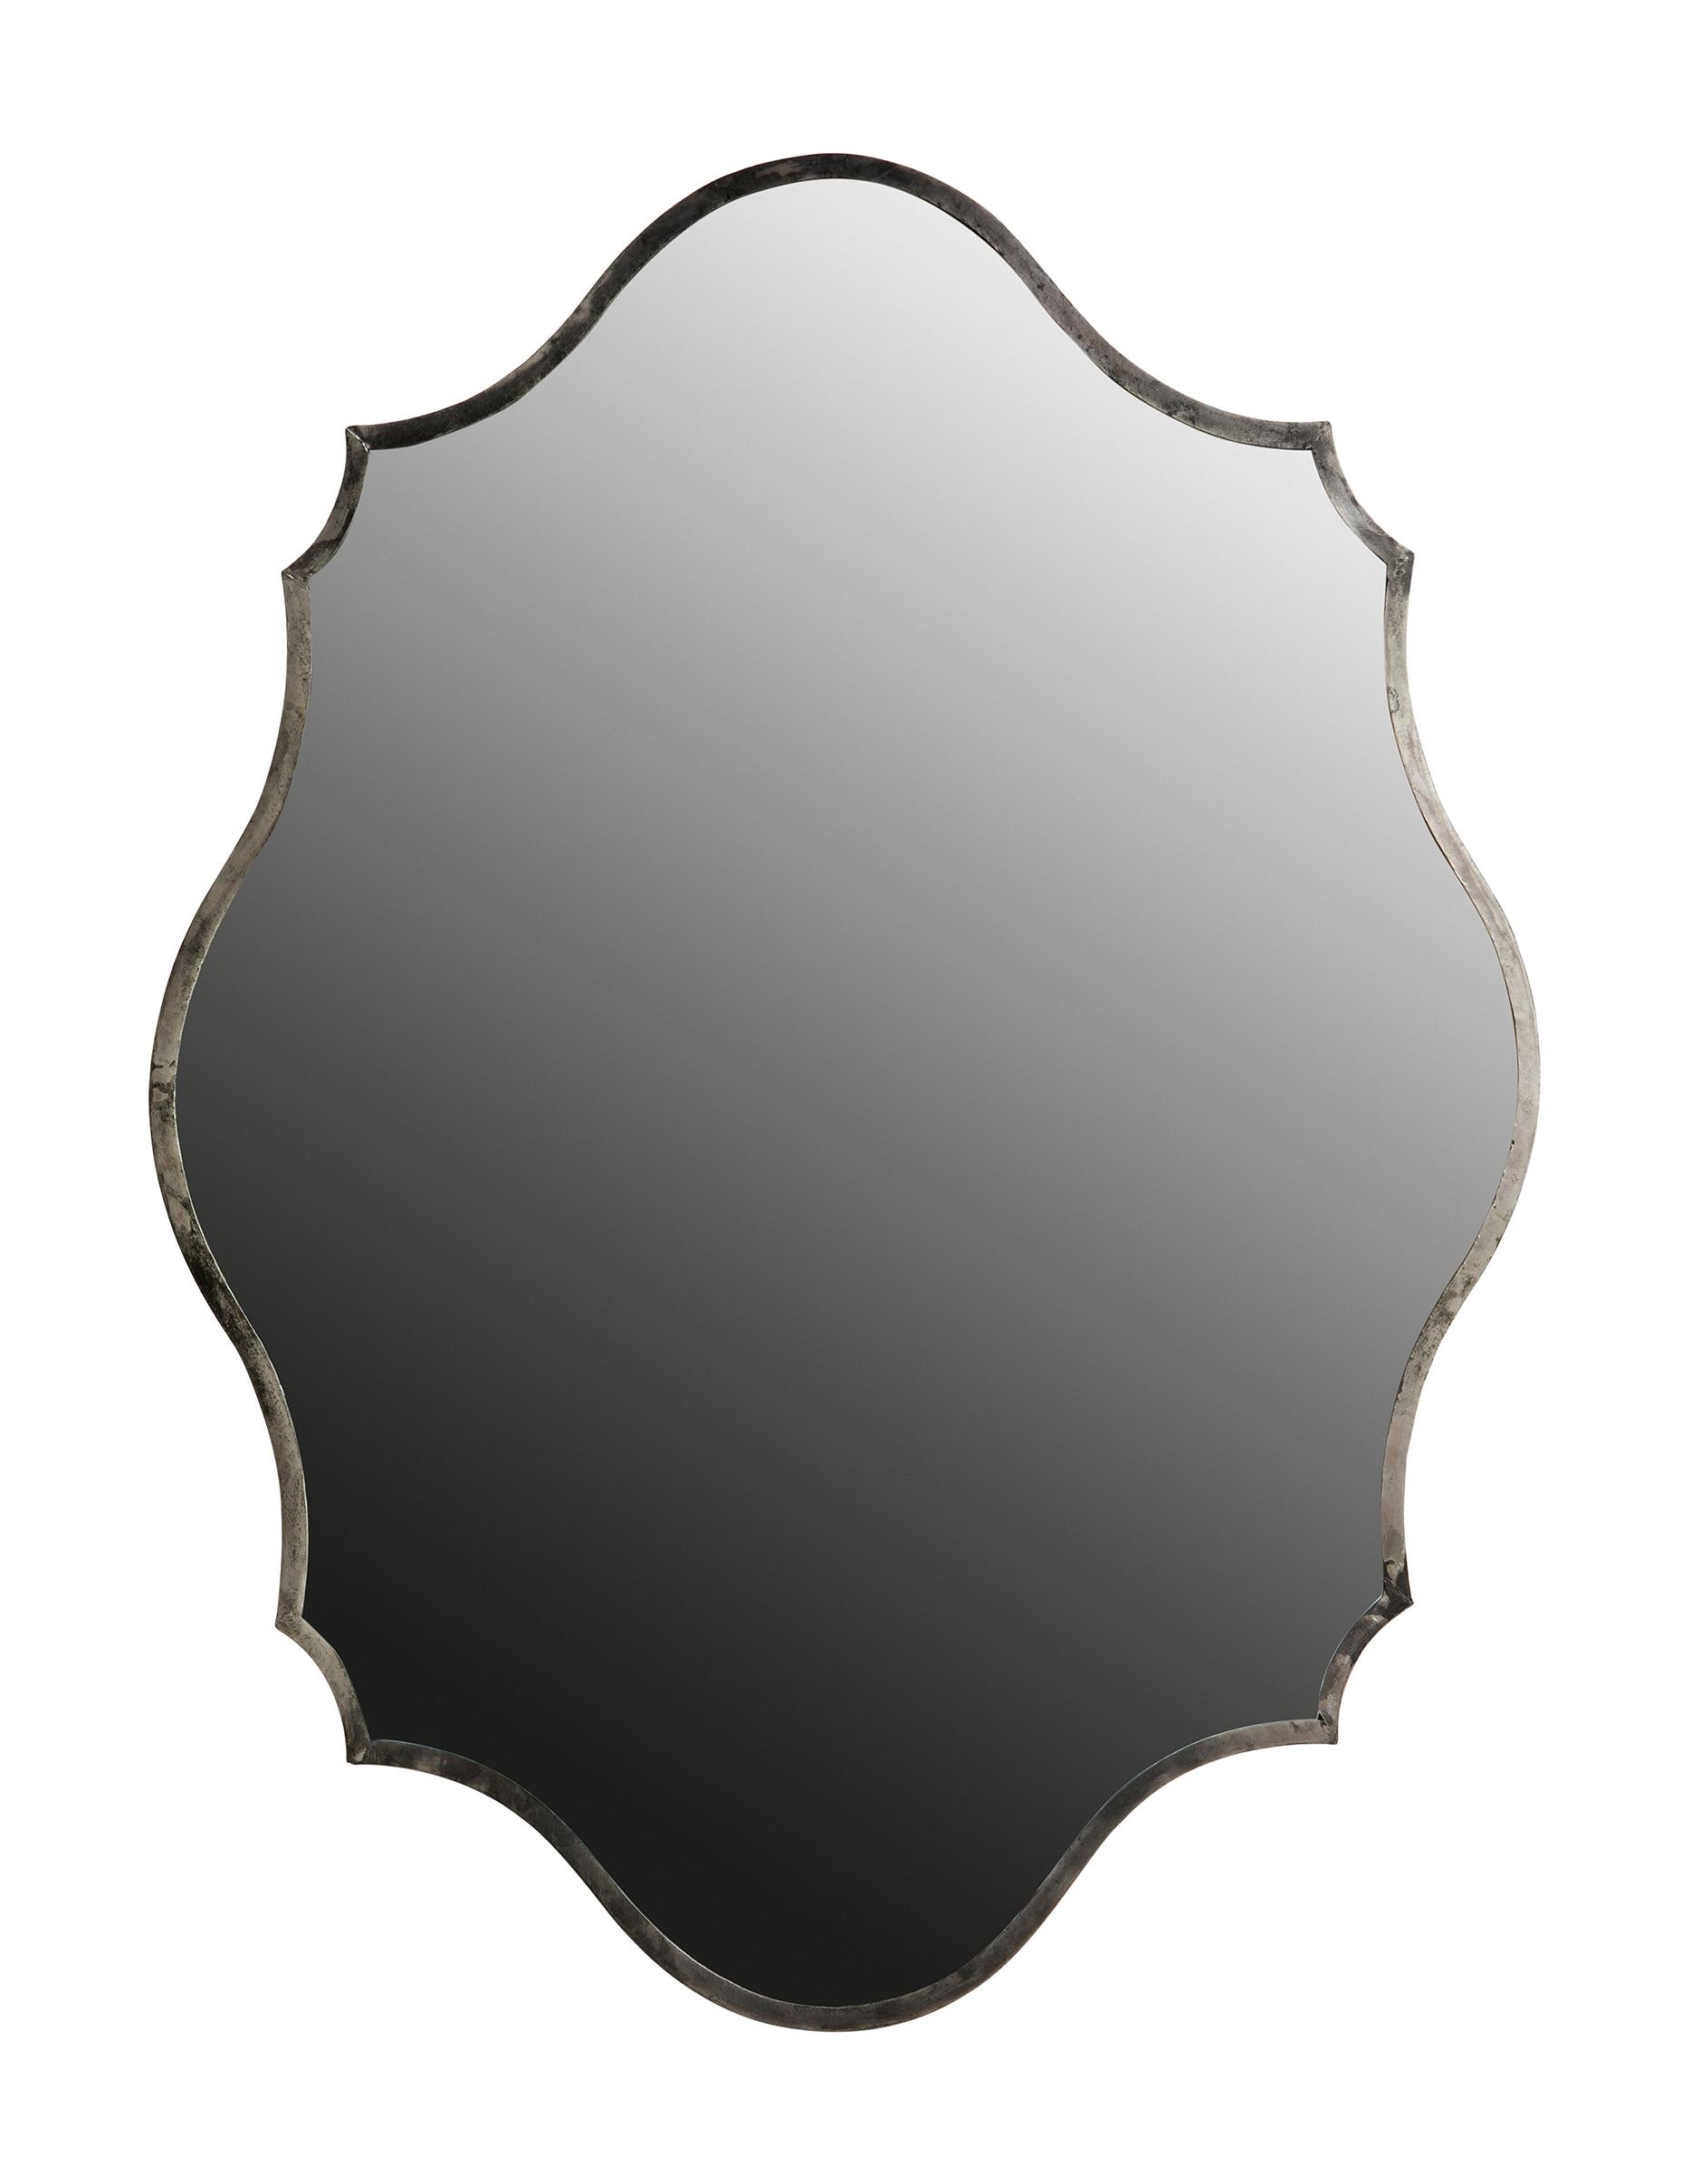 BePureHome Spiegel 'Gorgeous' 70 x 94cm, kleur Zilver BePureHome 31360 kopen